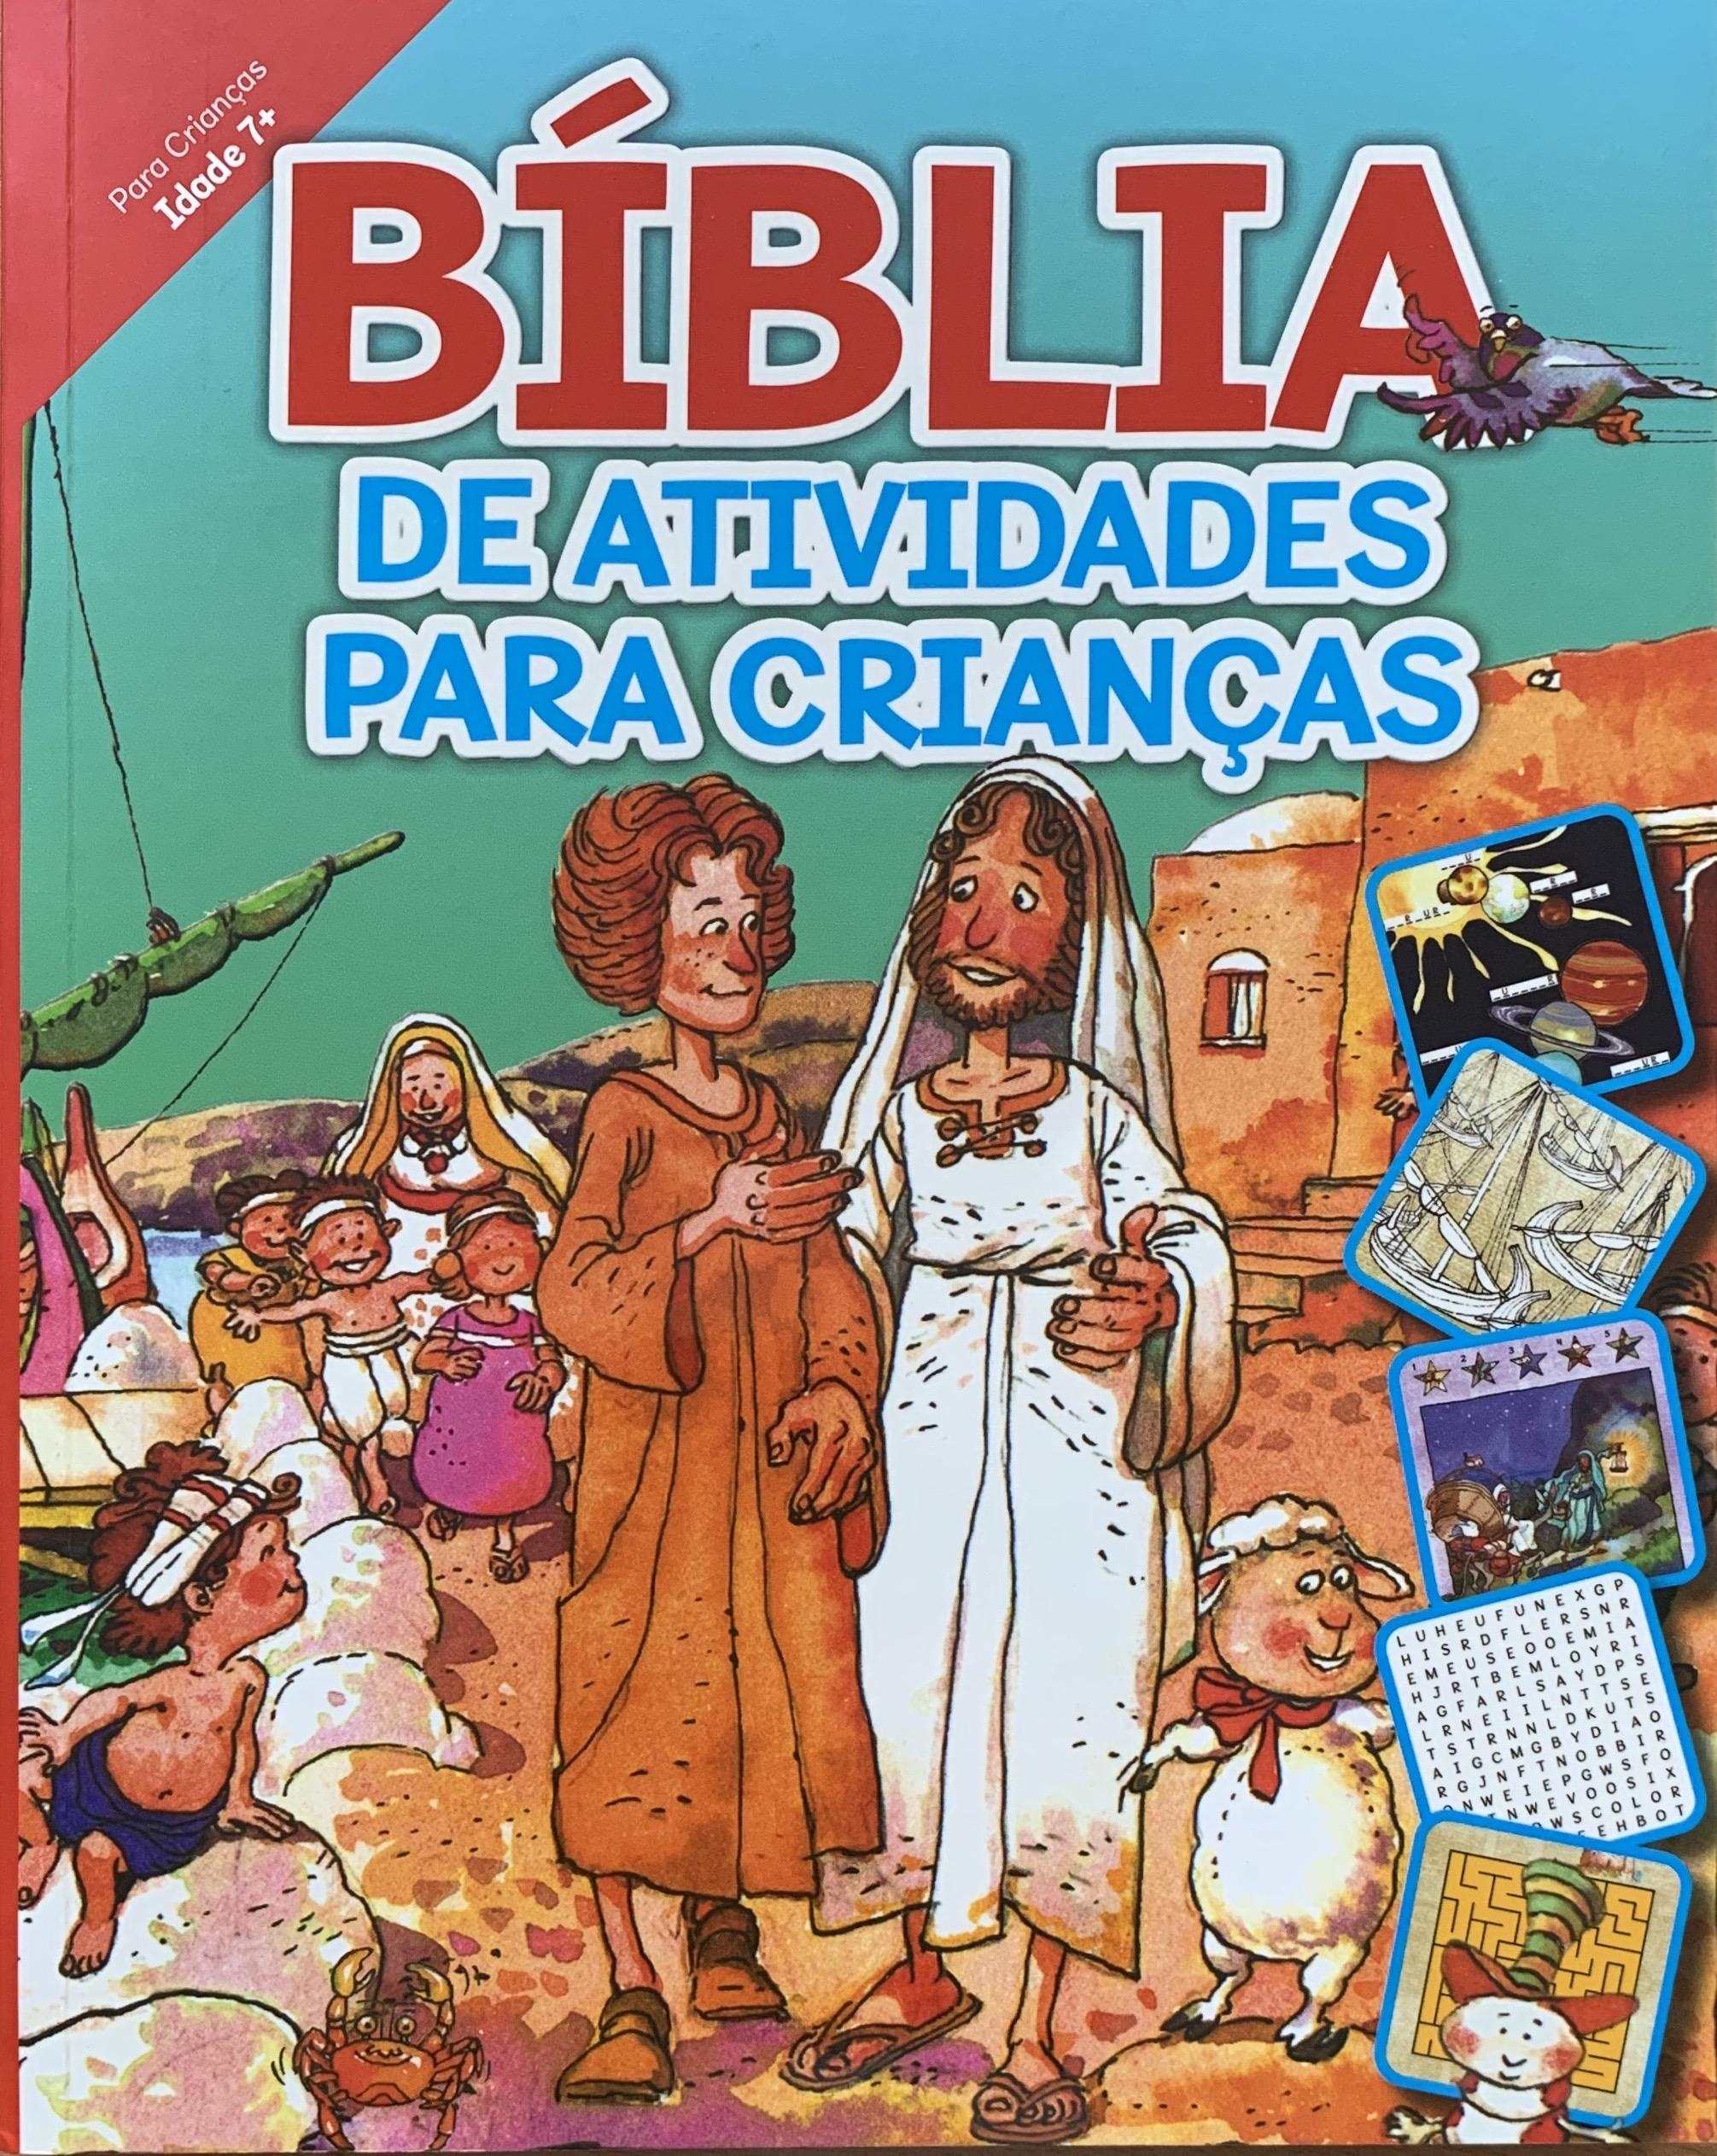 Bíblia de atividades para crianças